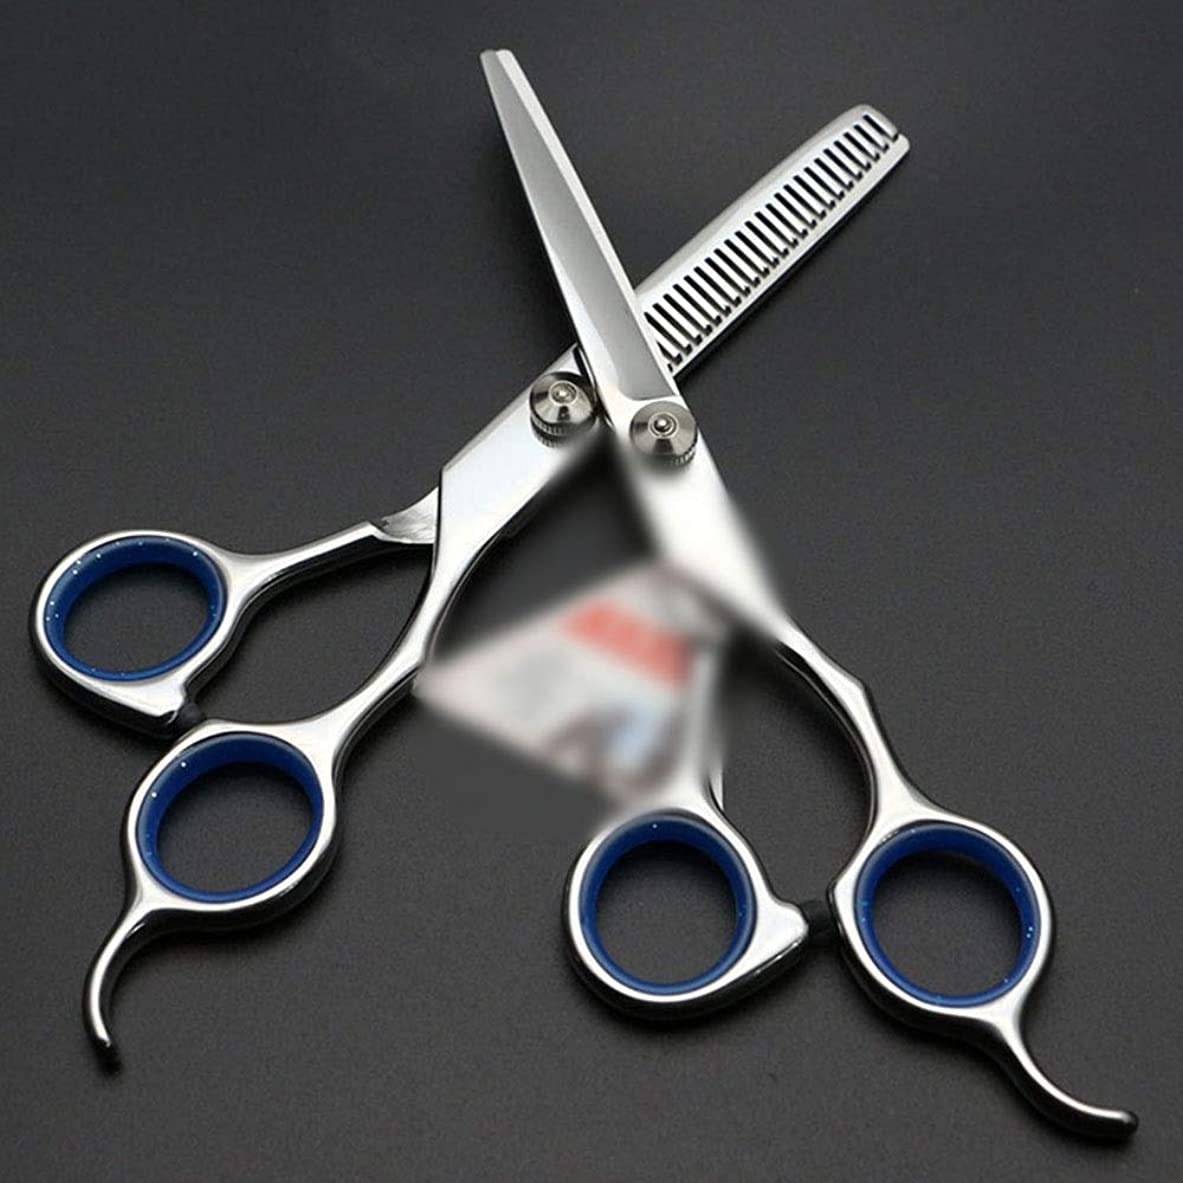 散らす通知足6インチ美容院プロフェッショナル理髪はさみセット モデリングツール (色 : 青)